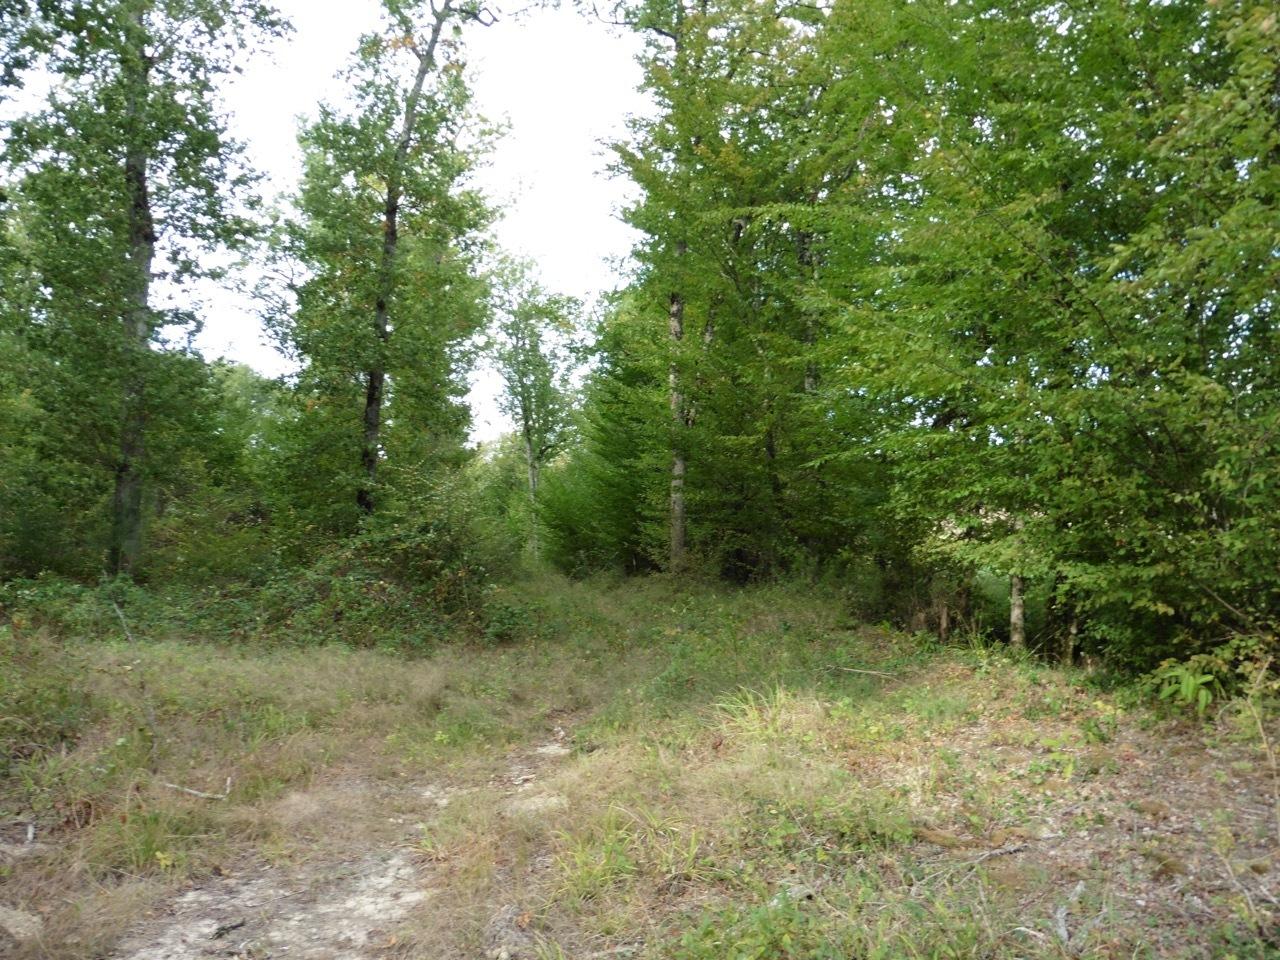 vente terrain Monbahus Monbahus 47290